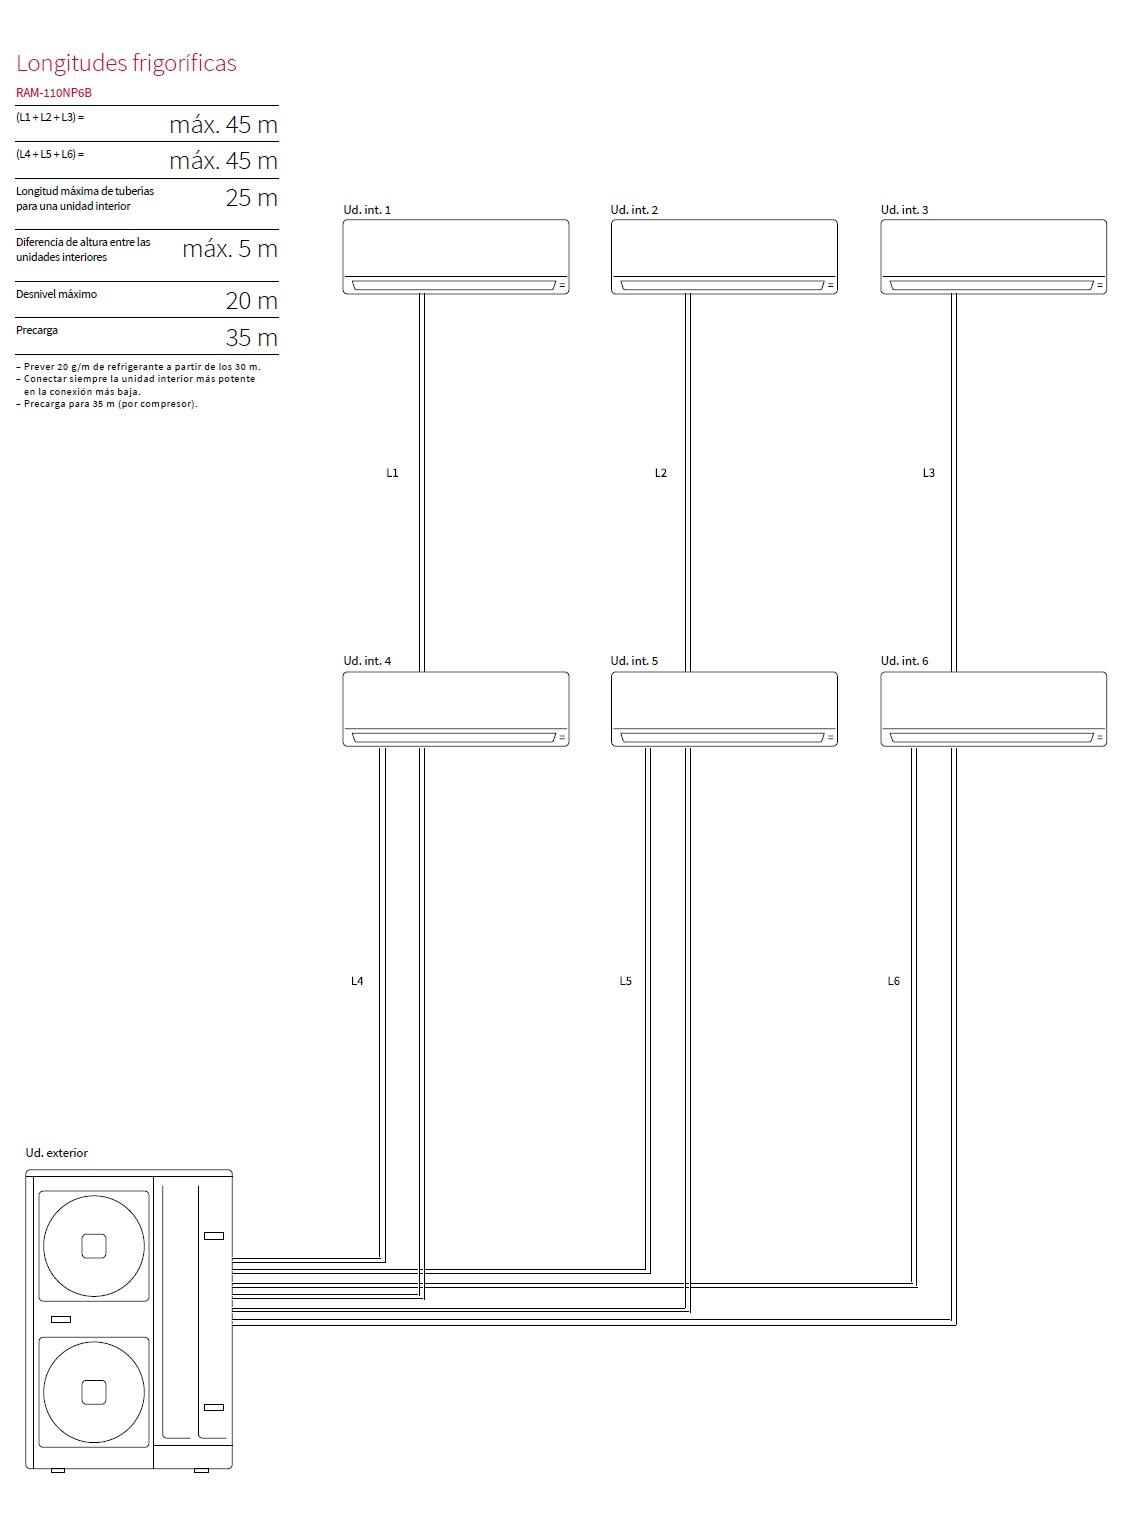 Longitudes Aire acondicionado Hitachi RAM 110NP6B